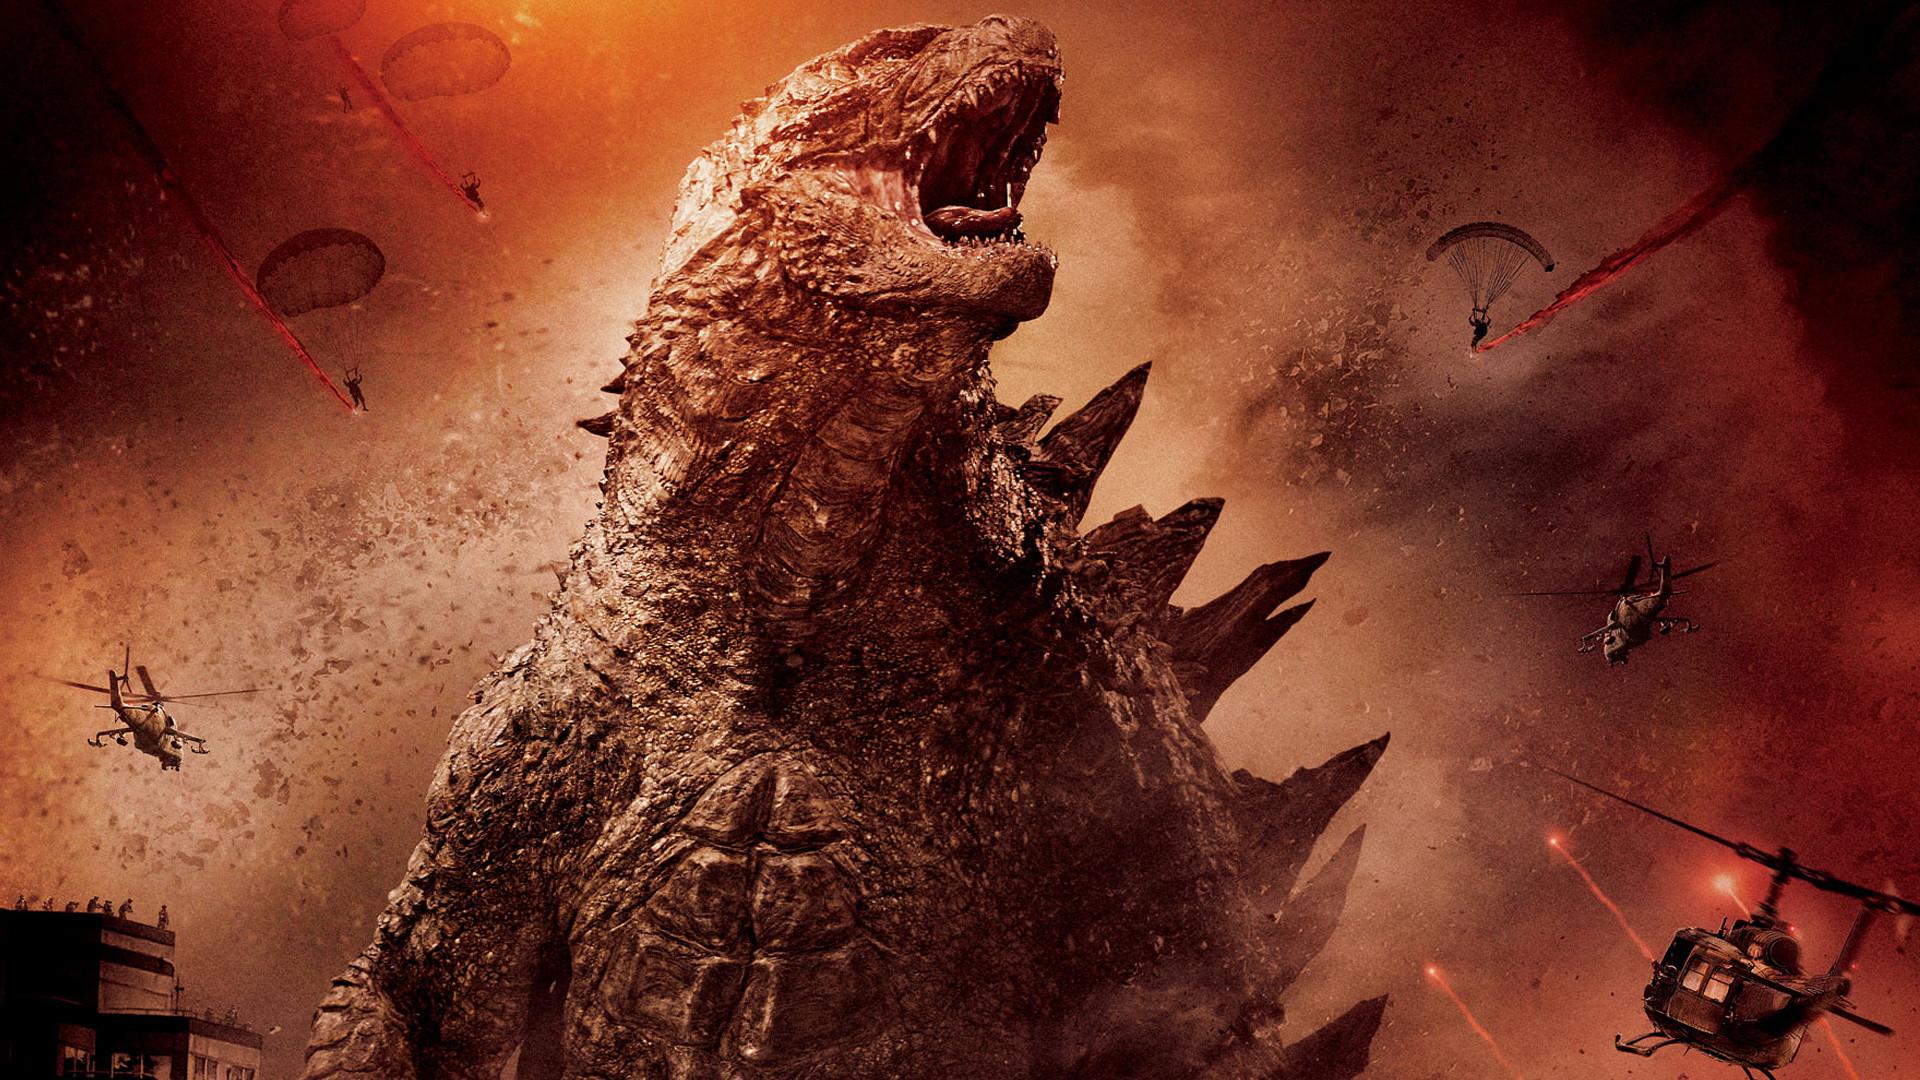 Res: 1920x1080, Godzilla Blog